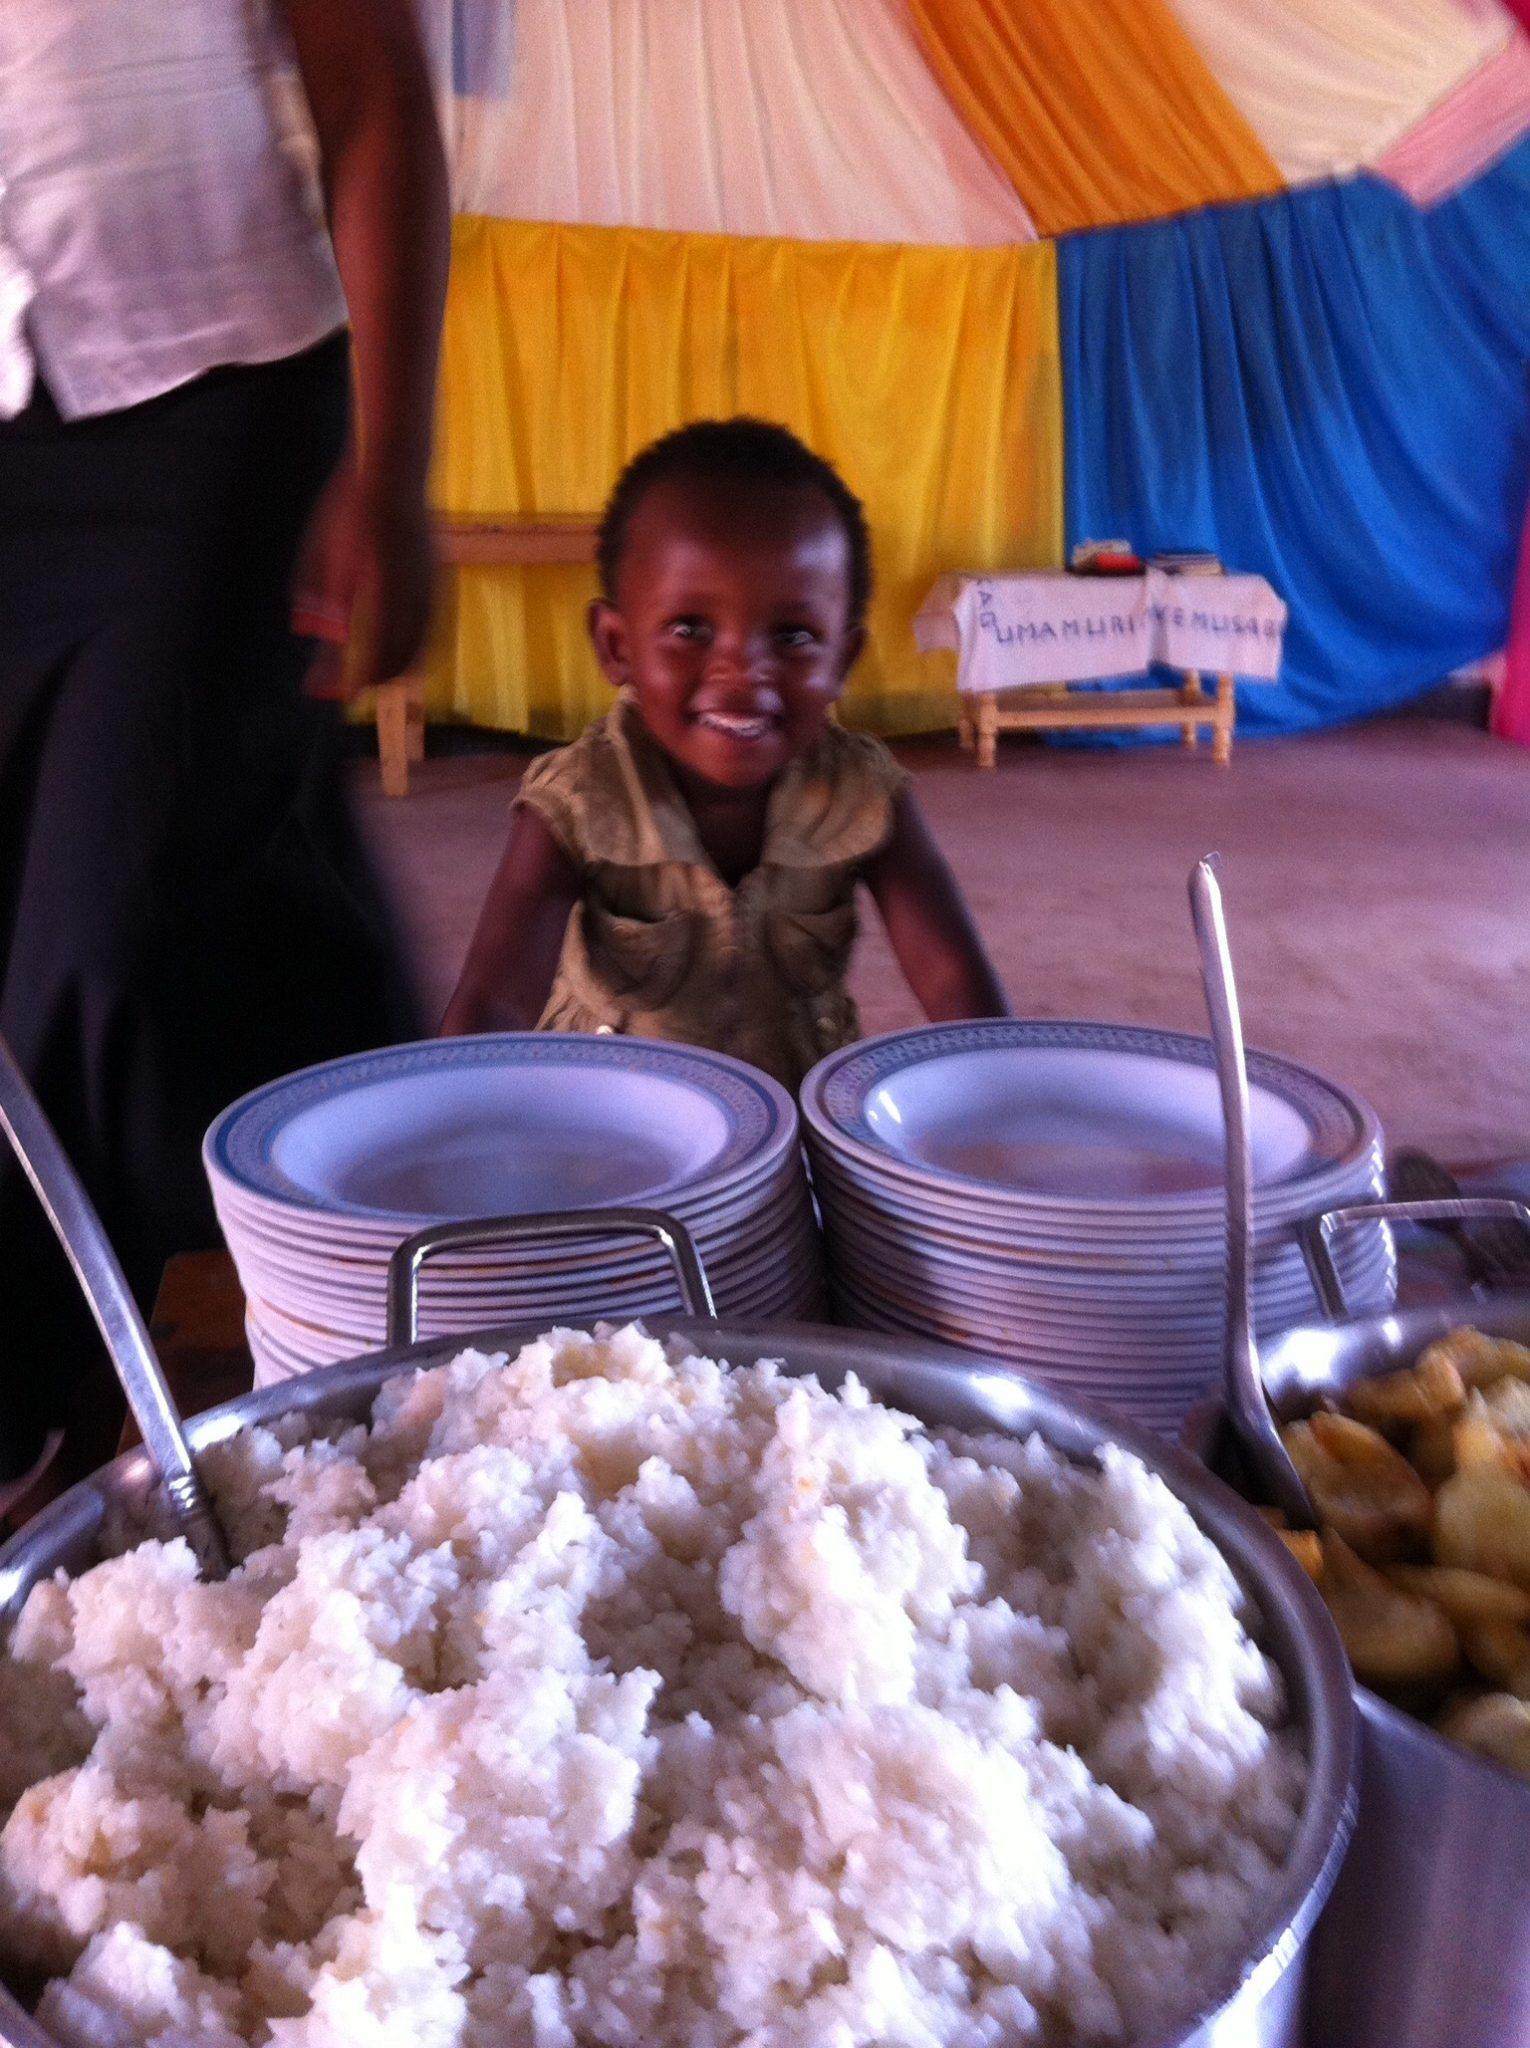 Serving food after service